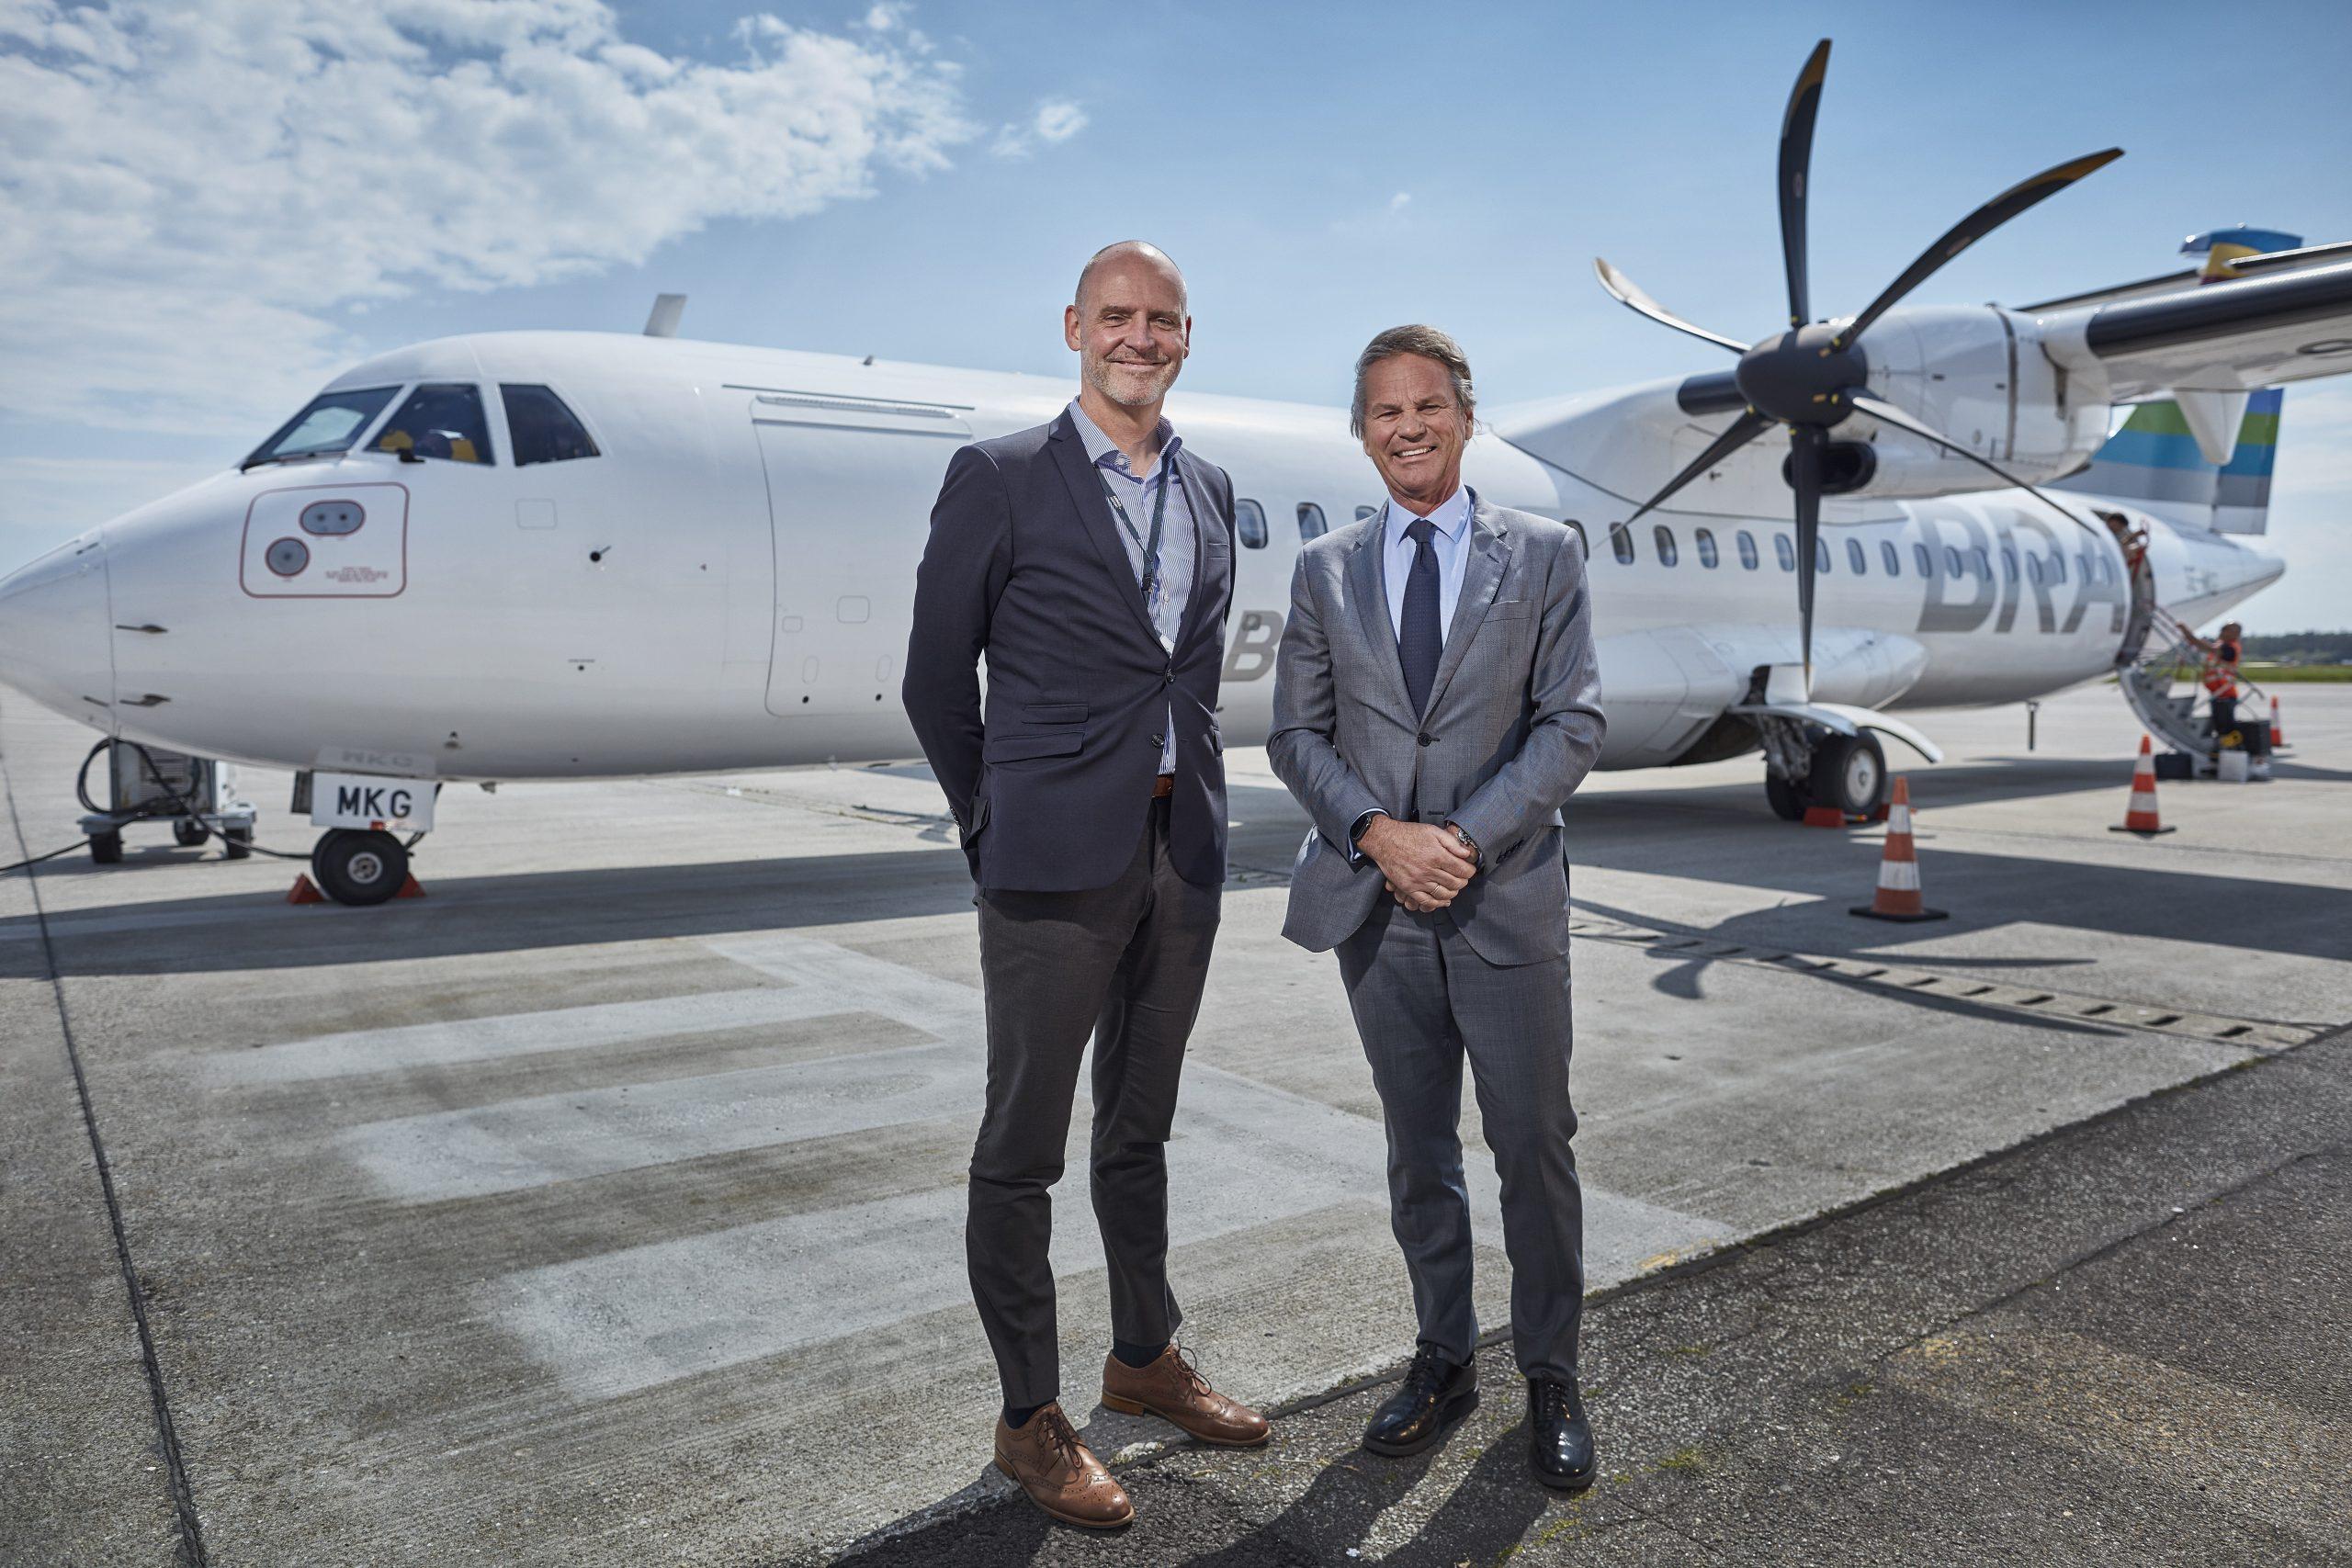 BRA er landet i Aarhus Airport. Adm. direktør Nicolai Krøyer, Aarhus Airport t.v. og Per G. Braathen, ejer af BRA t.h. (Foto: Aarhus Airport)